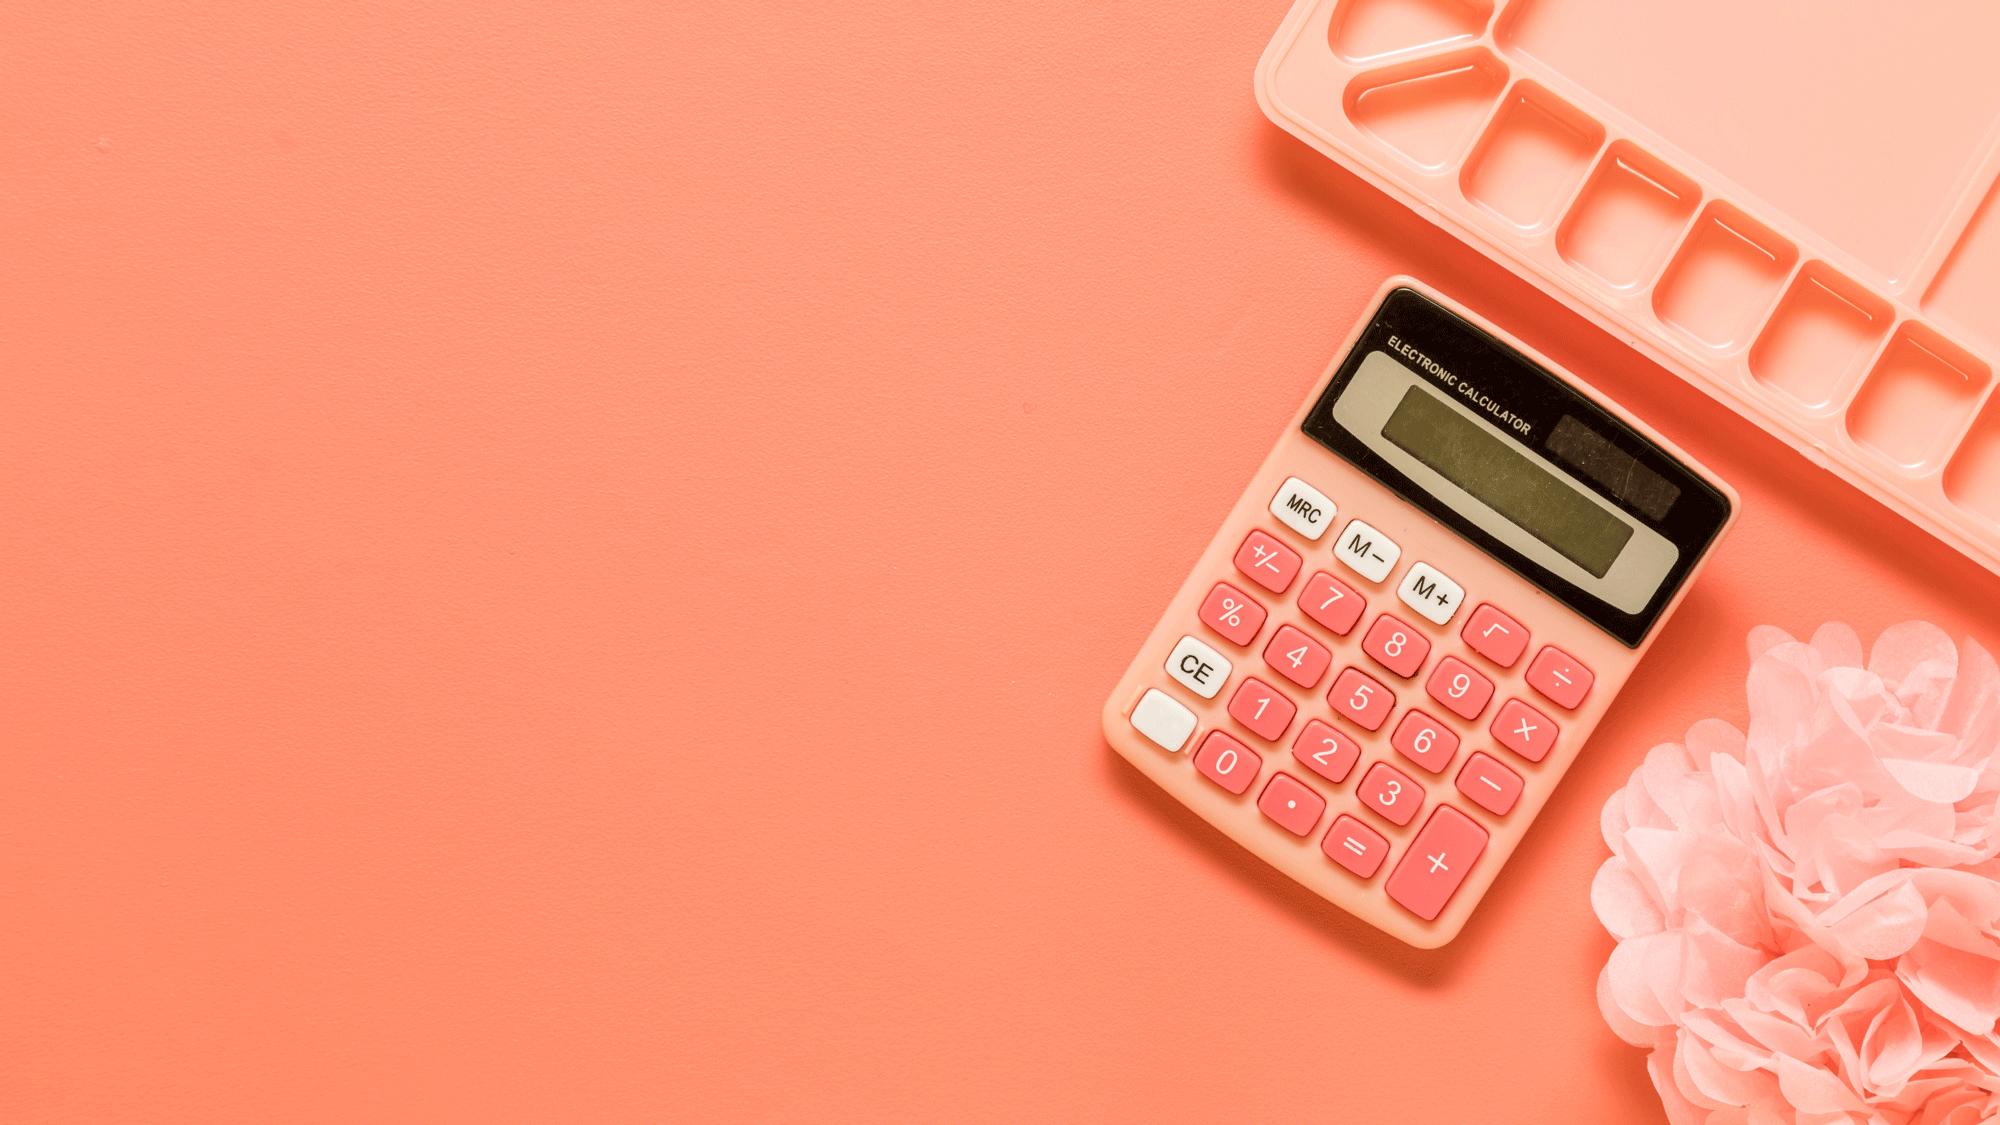 Jak ustalić cenę swojego produktu lub usługi - kalkulator, strategie cenowe, wycenianie wbiznesie, Kobieca Strona Biznesu, blog dla przedsiębiorczych kobiet, Karolina Kołodziejczyk